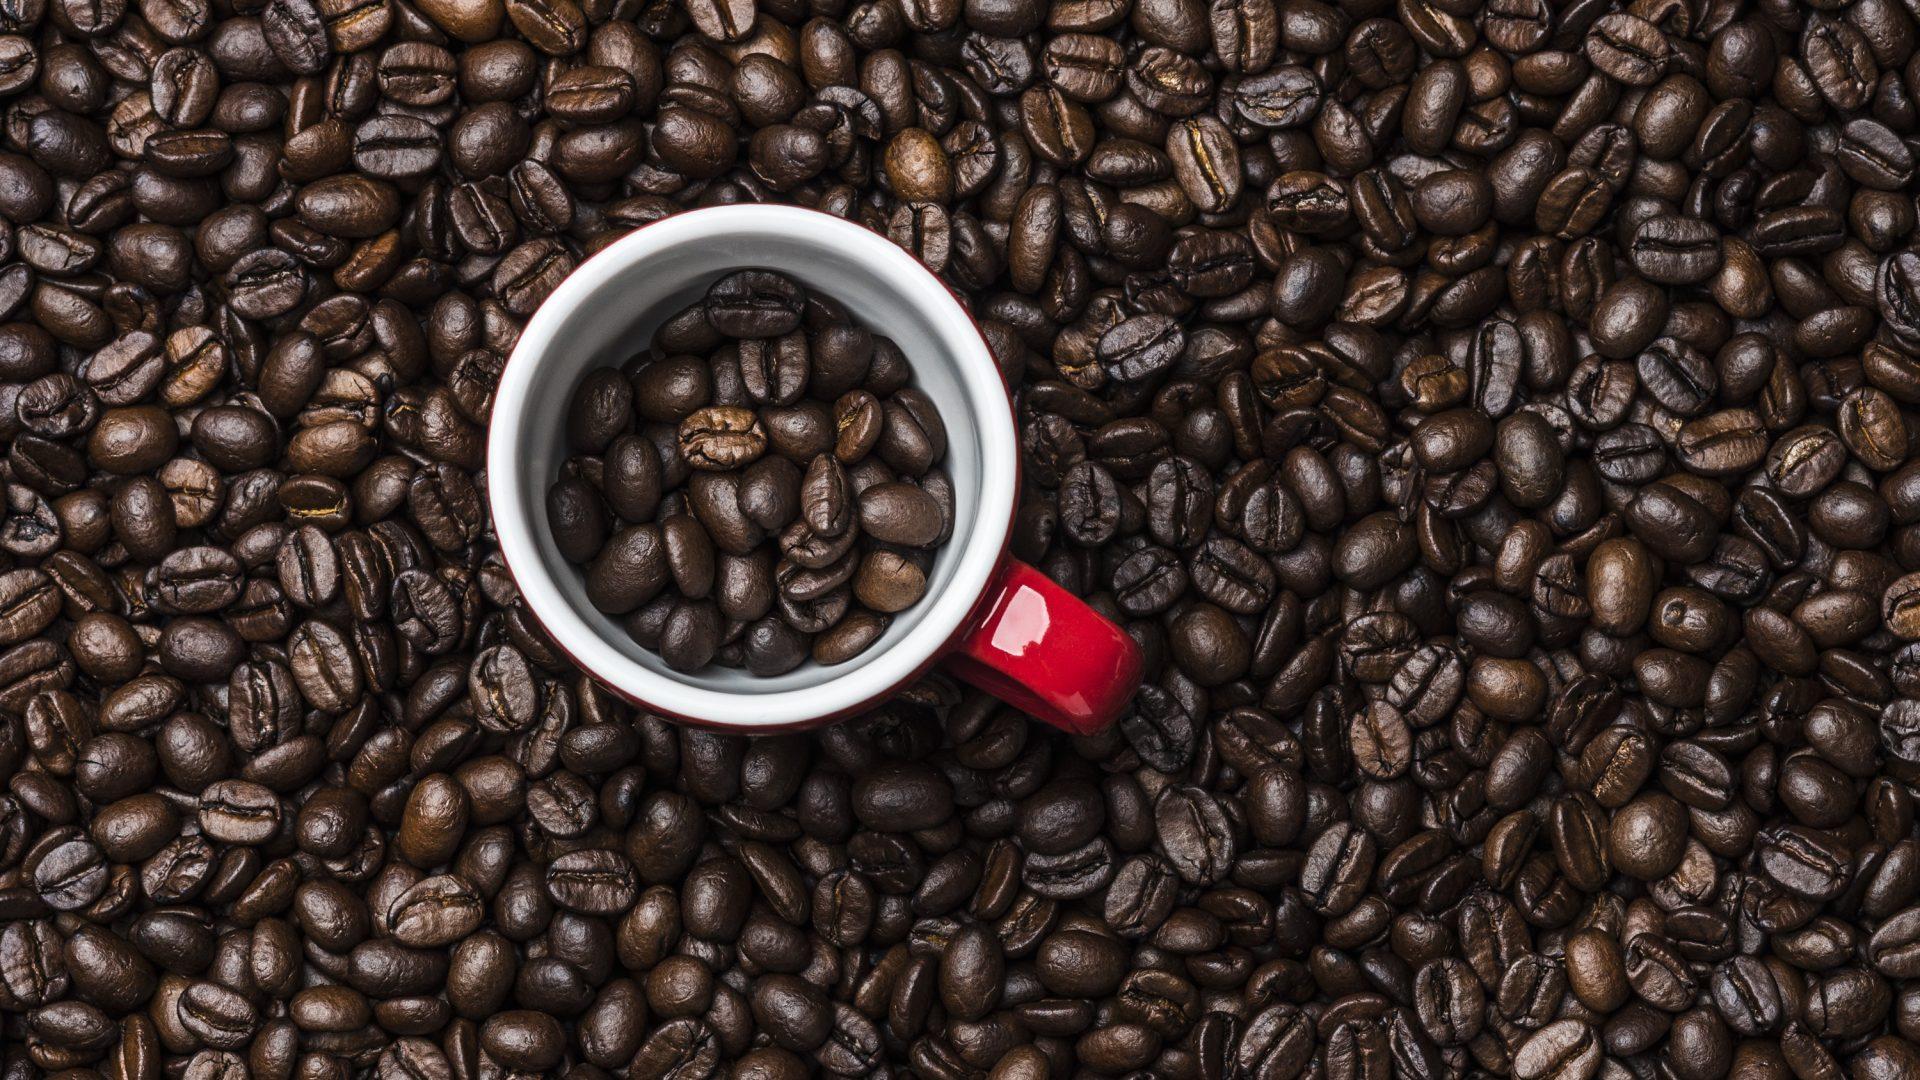 607012-1_Ludwig Winkler_coffee